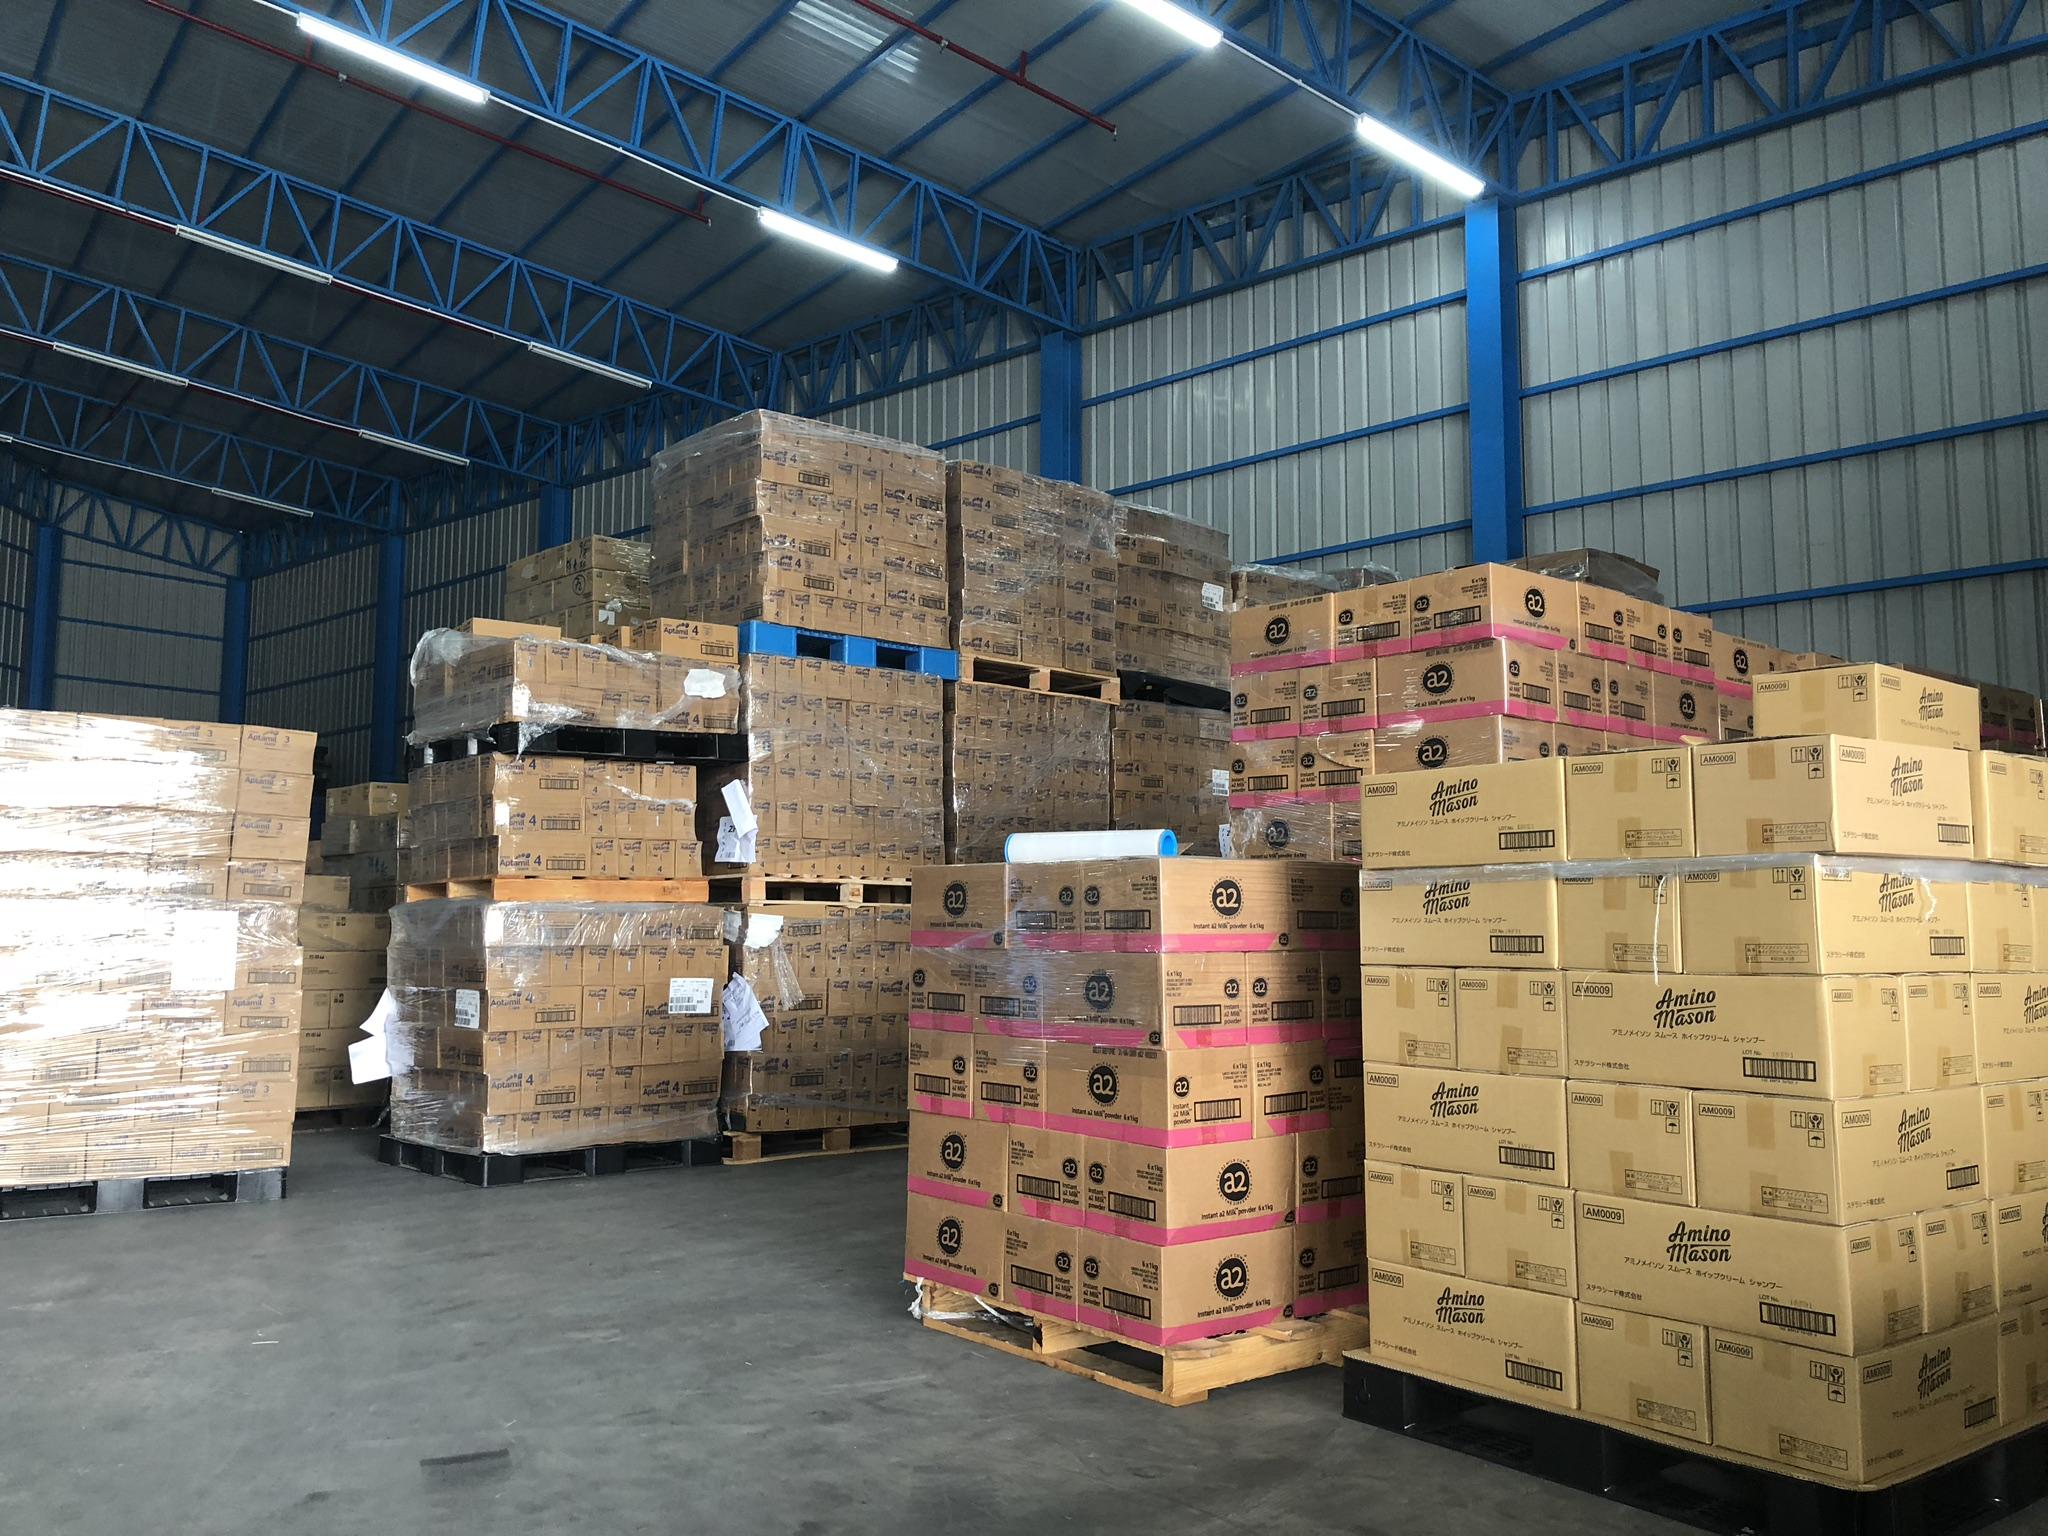 一般贸易进口 例:碳粉、乳胶枕、轴承、偏光片,木蜡油,食品袋、胶板,密封圈